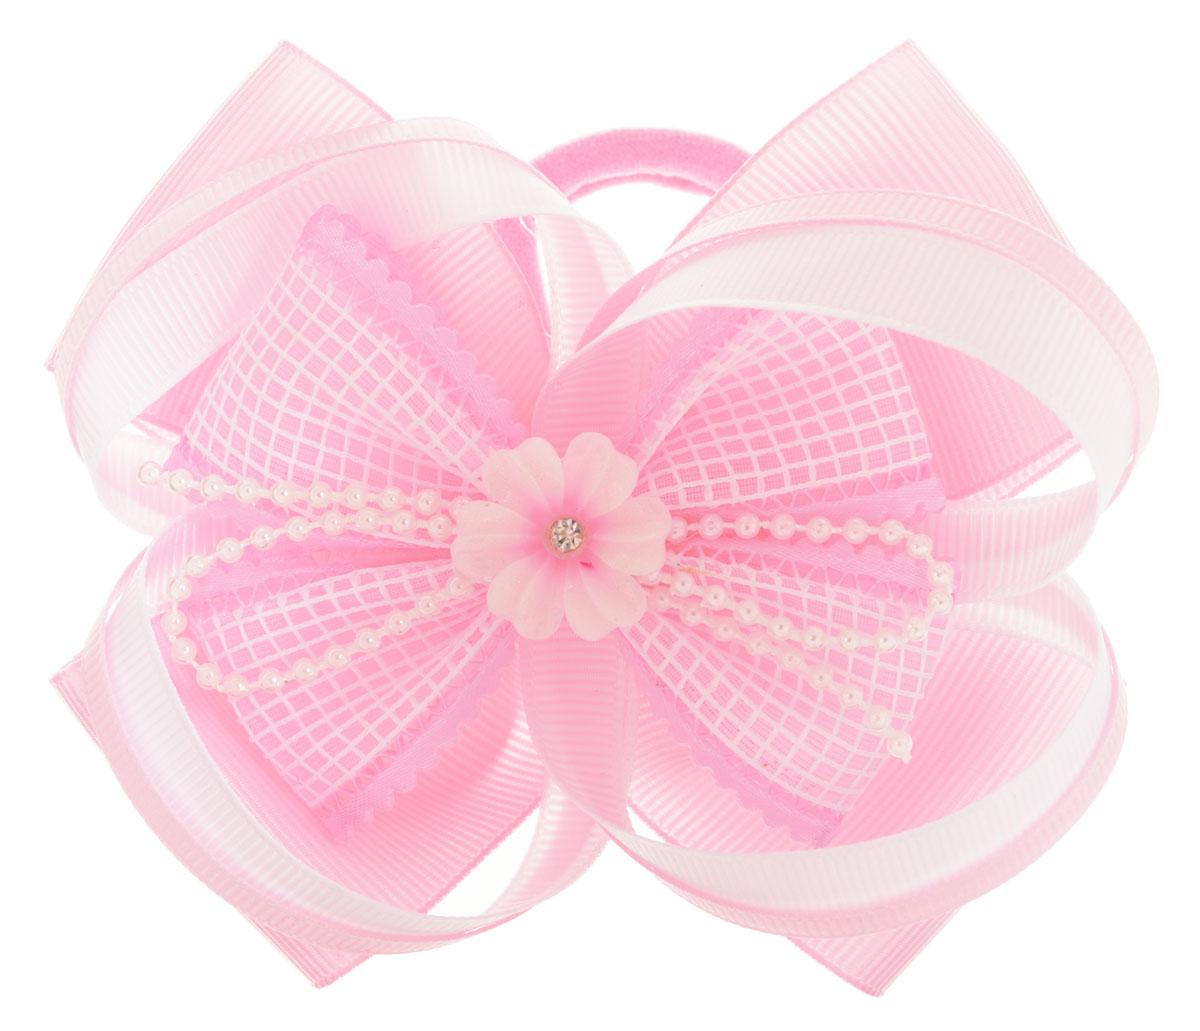 Babys Joy Резинка для волос с цветком цвет розовый белыйСерьги с подвескамиБант для волос на резинке Babys Joy состоит из цветных капроновых и репсовых лент разной ширины. Бант декорирован пластиковым перламутровым цветком со стразом и термобусами.Бант на резинке позволит не только убрать непослушные волосы с лица, но и придать образу романтичности и очарования. Такой аксессуар для волос подчеркнет уникальность вашей маленькой модницы и станет прекрасным дополнением к ее неповторимому стилю.